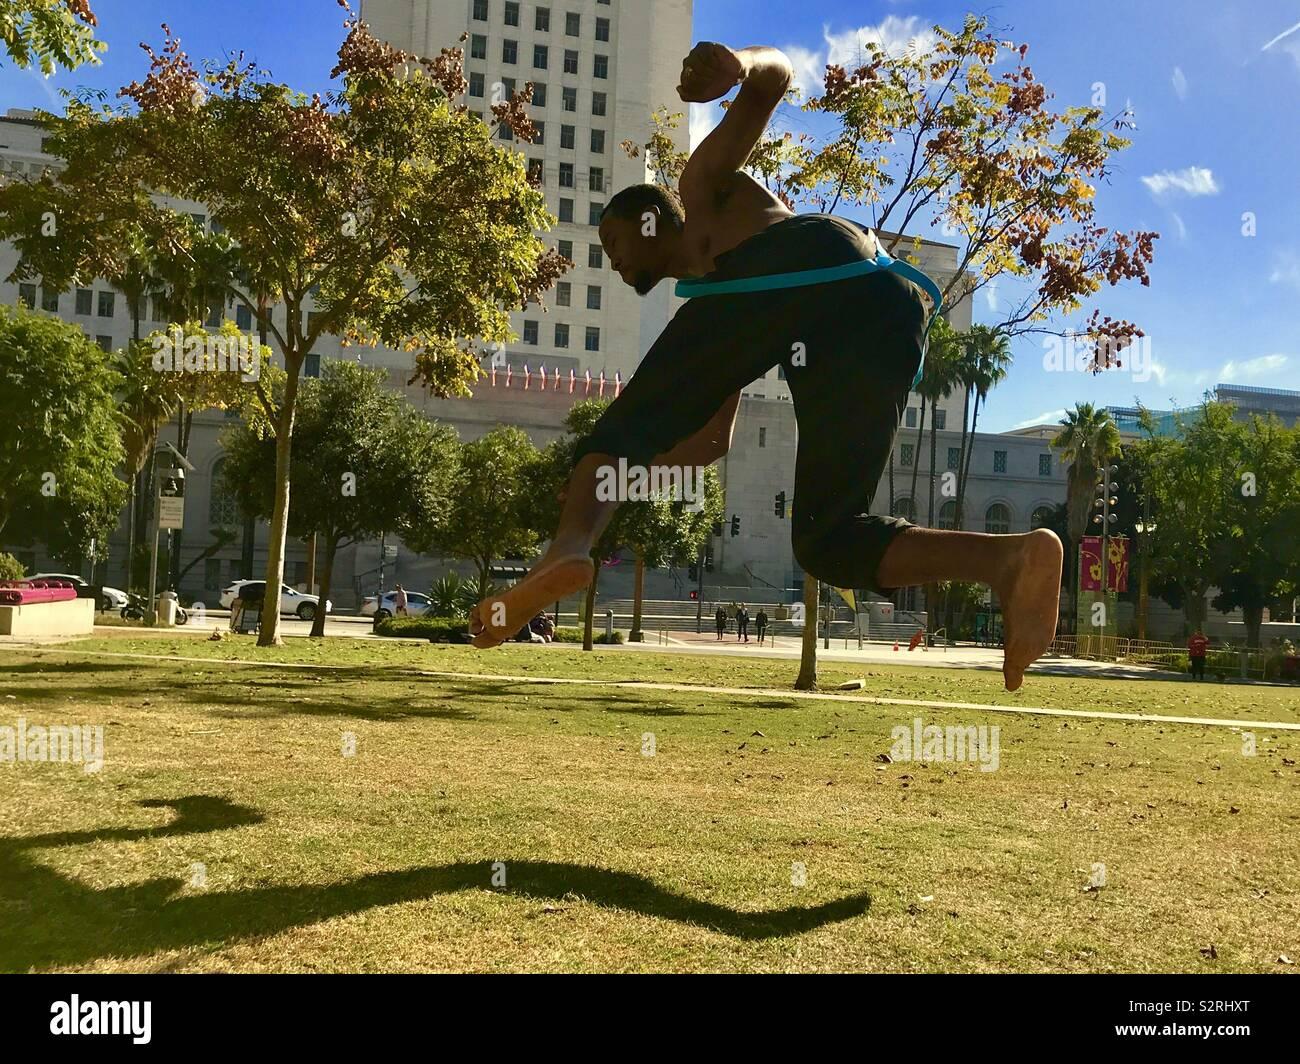 Martial Artist Praktiken seine Stöße und Spins im Park Stockfoto